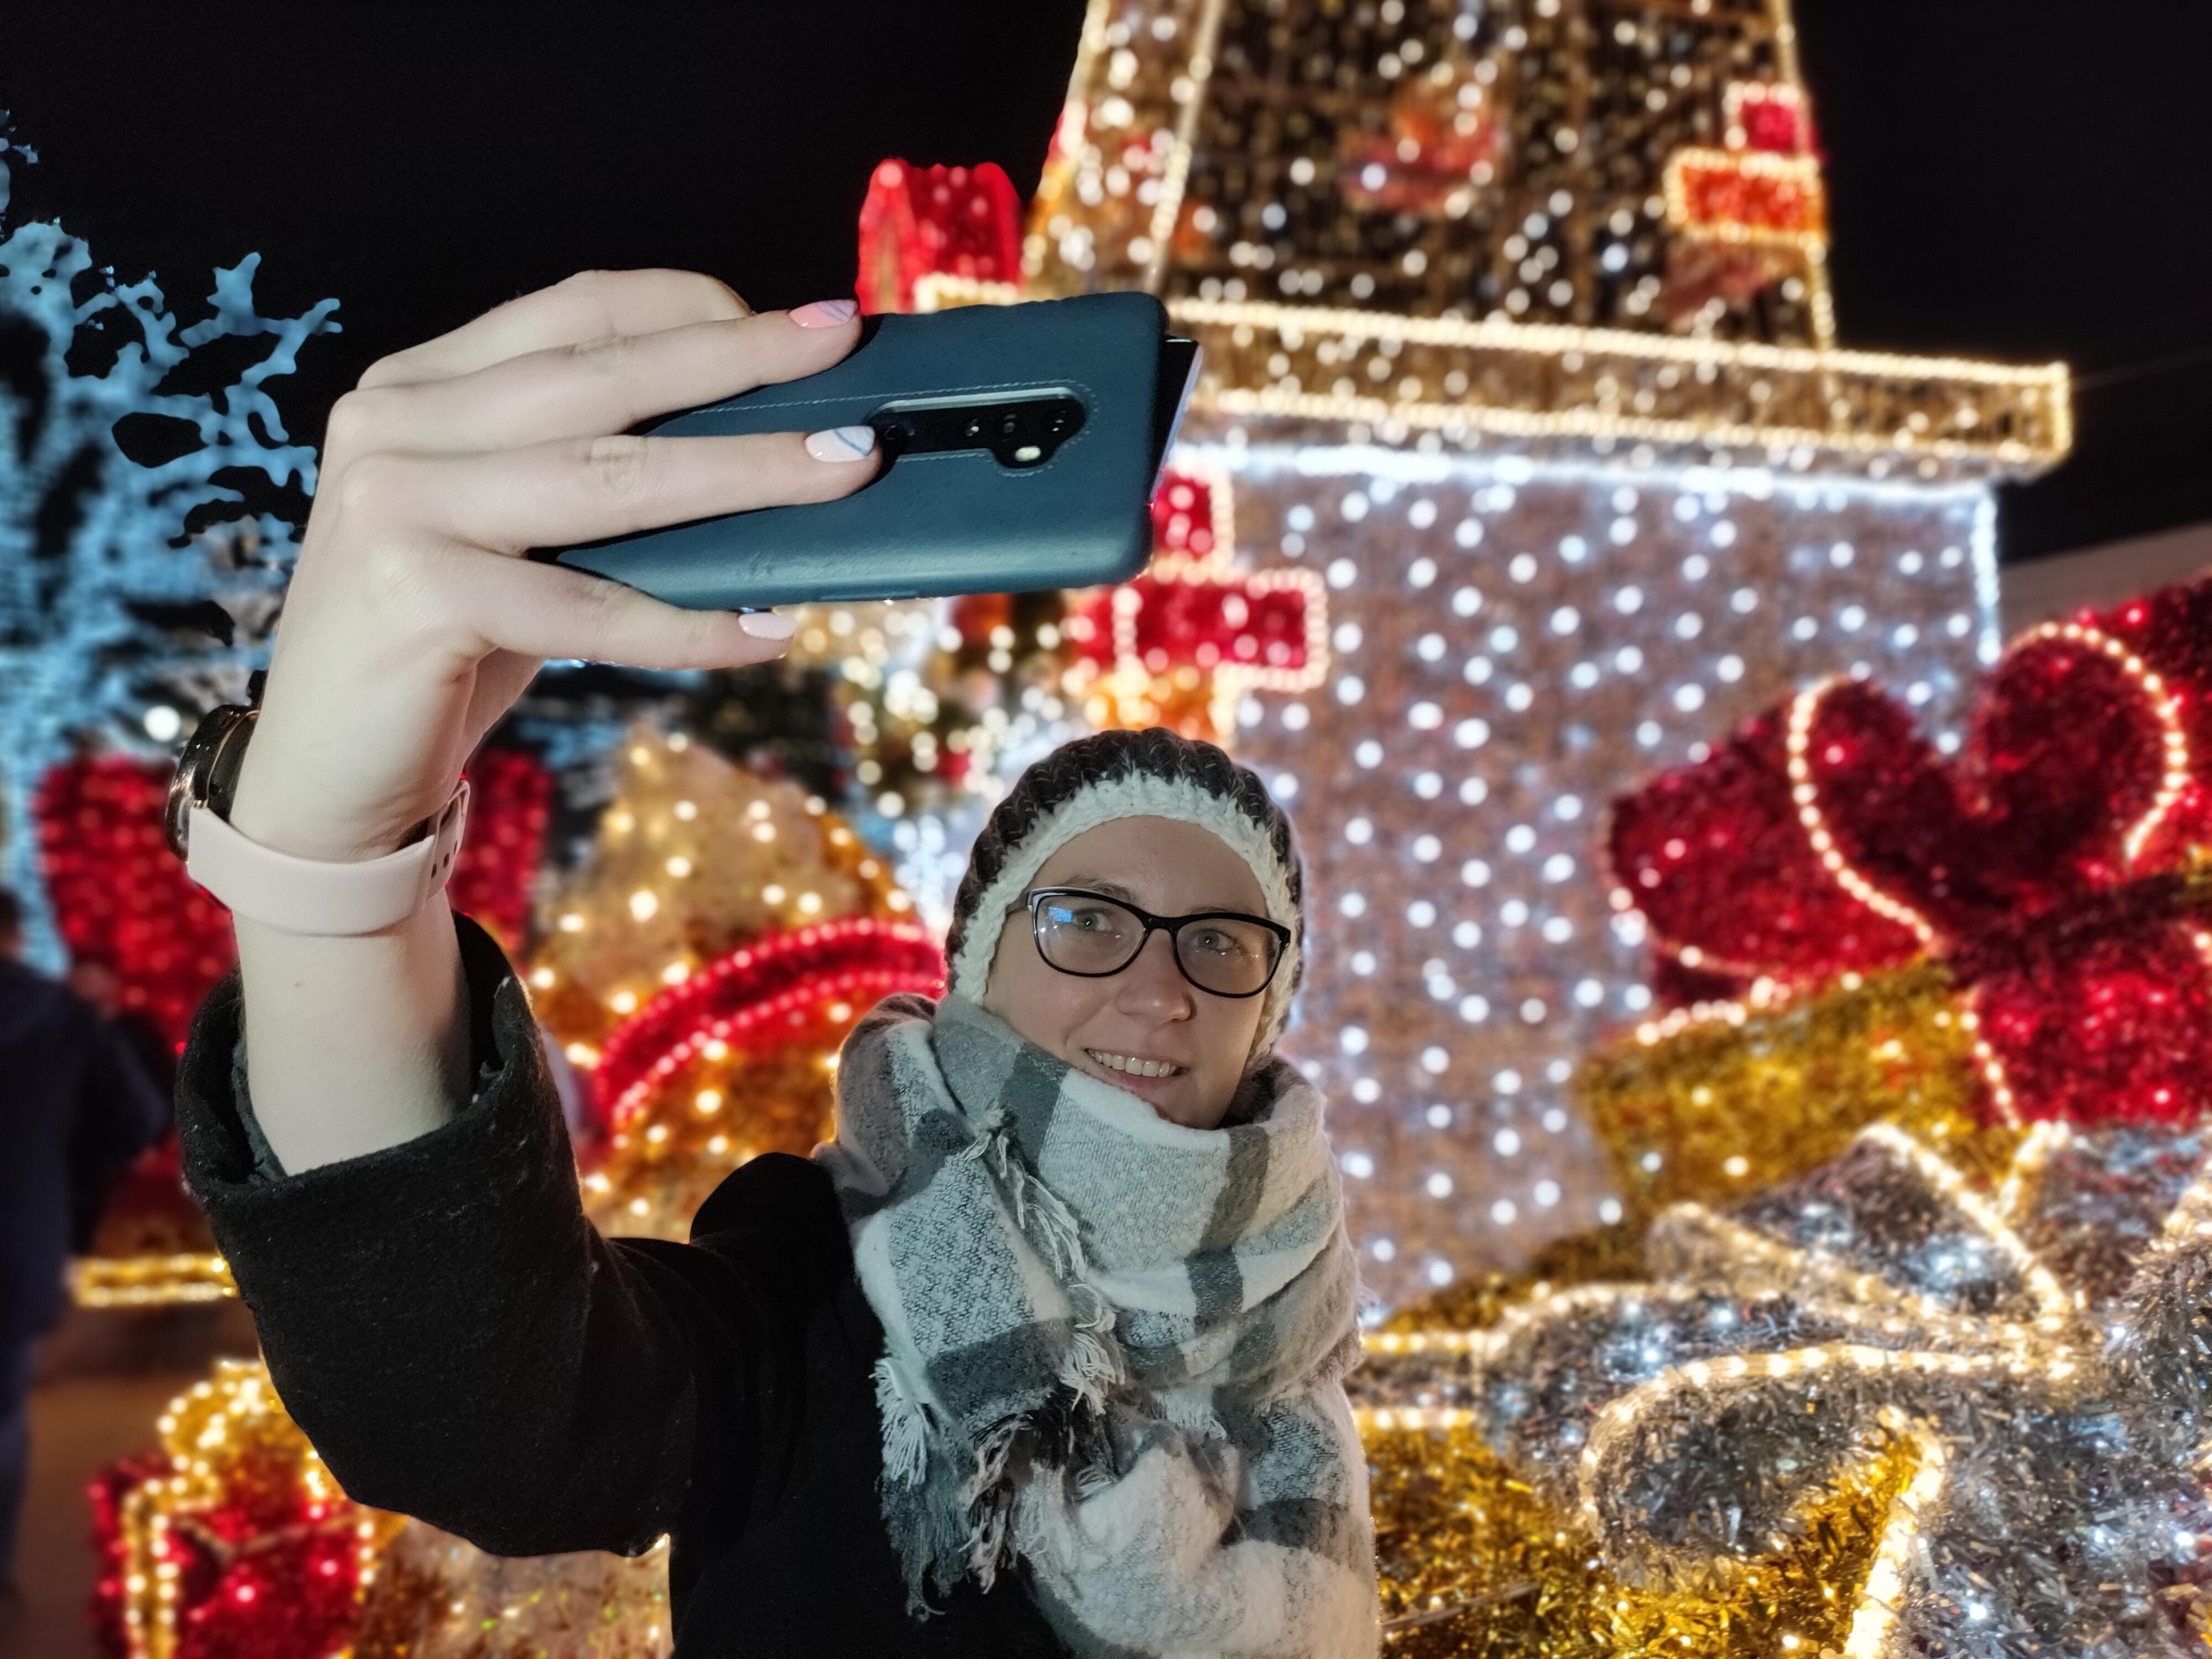 Jak robić dobre zdjęcia oddające magię świąt? 36